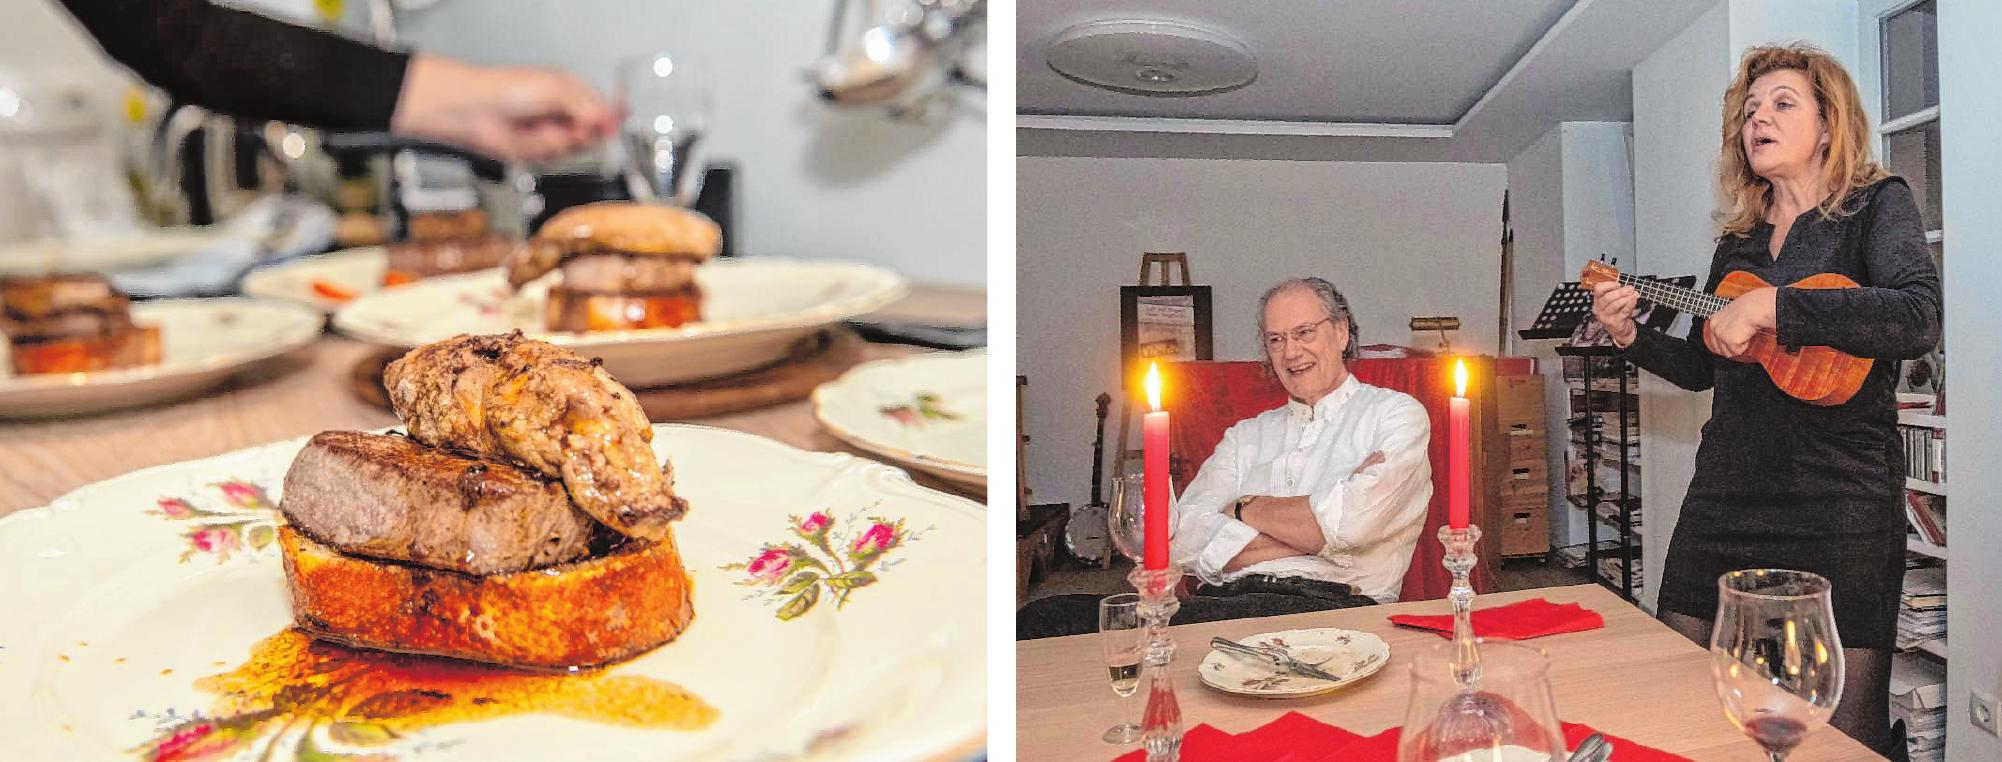 Jeanette Giese und ihr Partner Peter Moss servierten für das Stadtmagazin neben musikalischen Einlagen einen Klassiker aus der französischen Küche: Tournedos Rossini. / Bilder: Thomas Neu